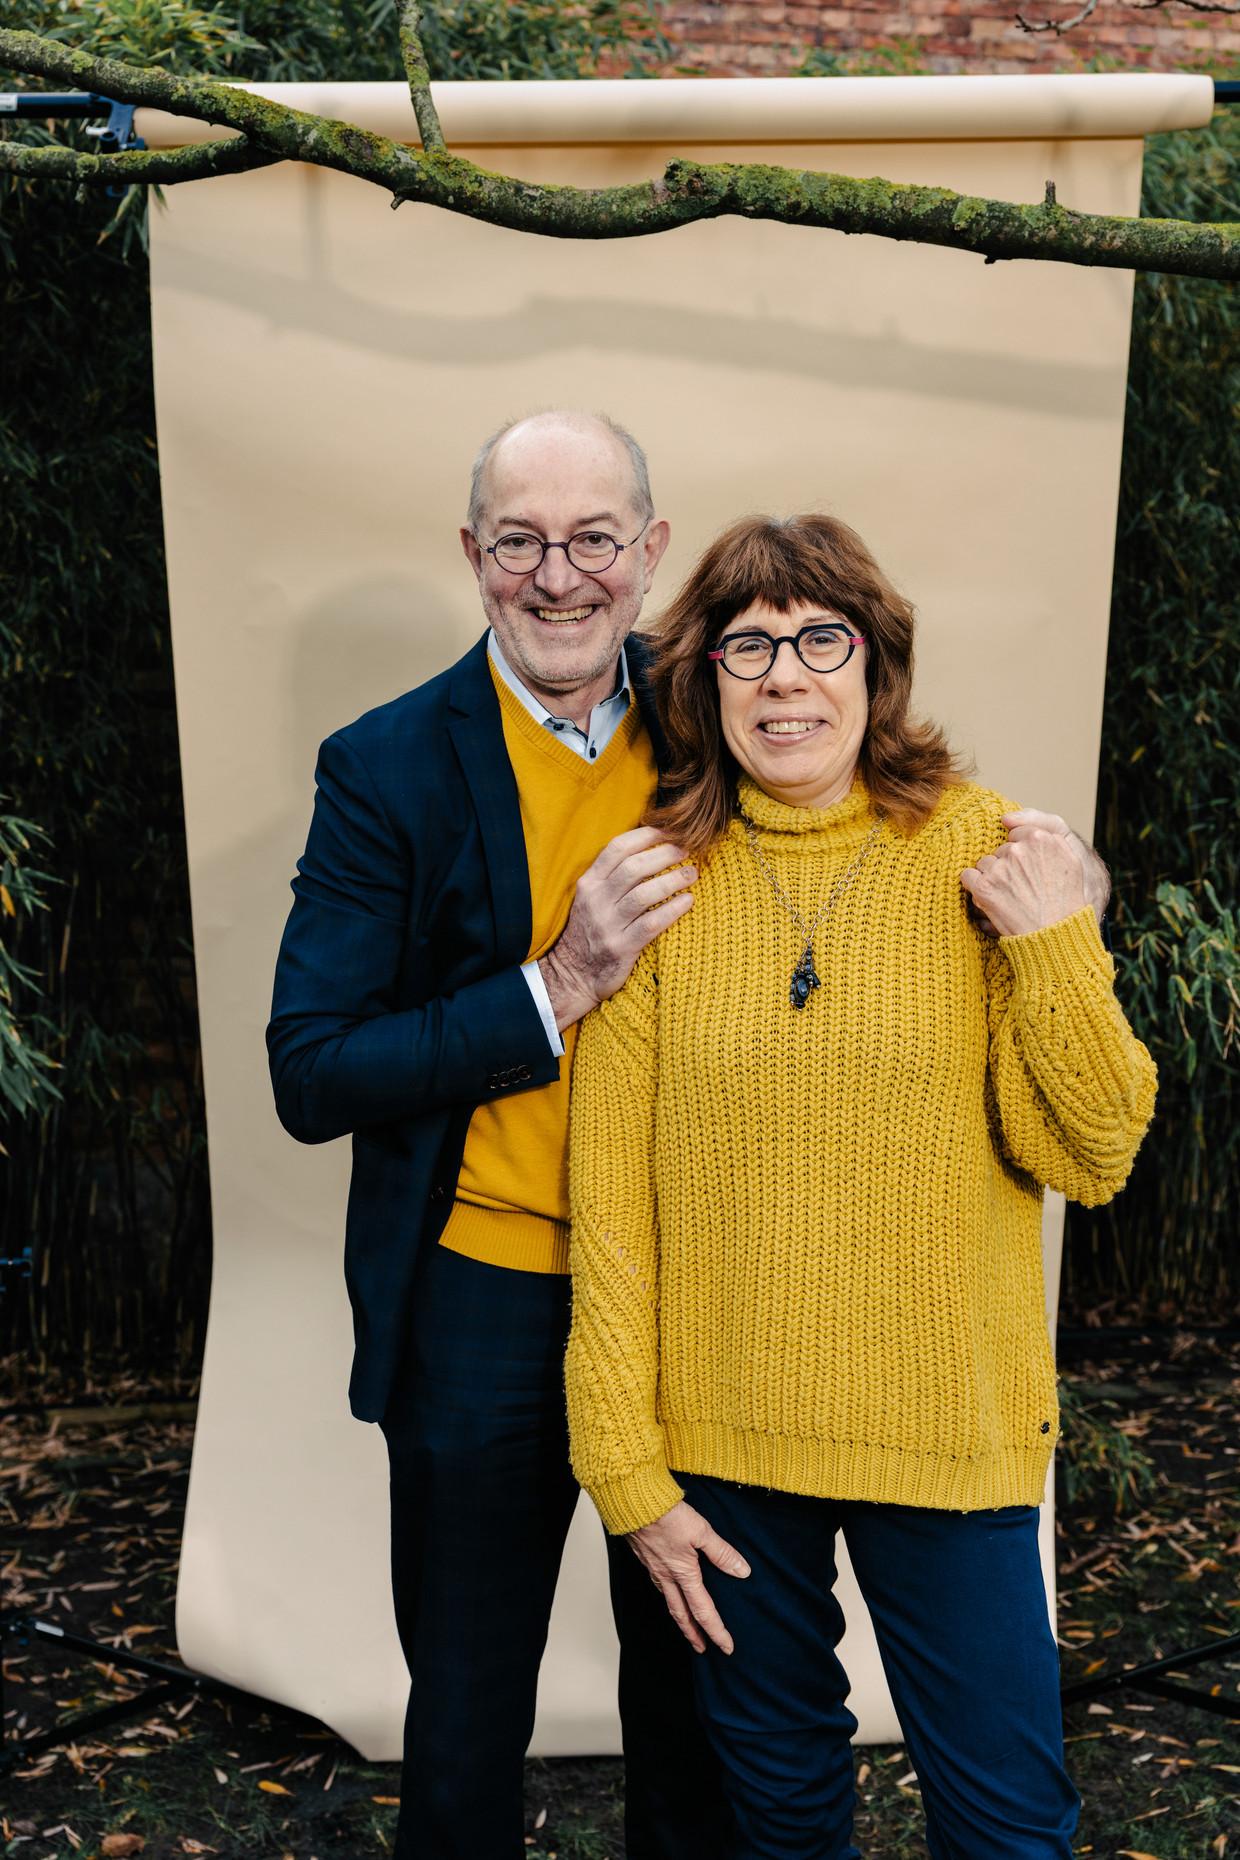 Pierre Van Damme en echtgenote Myrjam Cramm. Kontich, december 2020. Beeld Damon De Backer